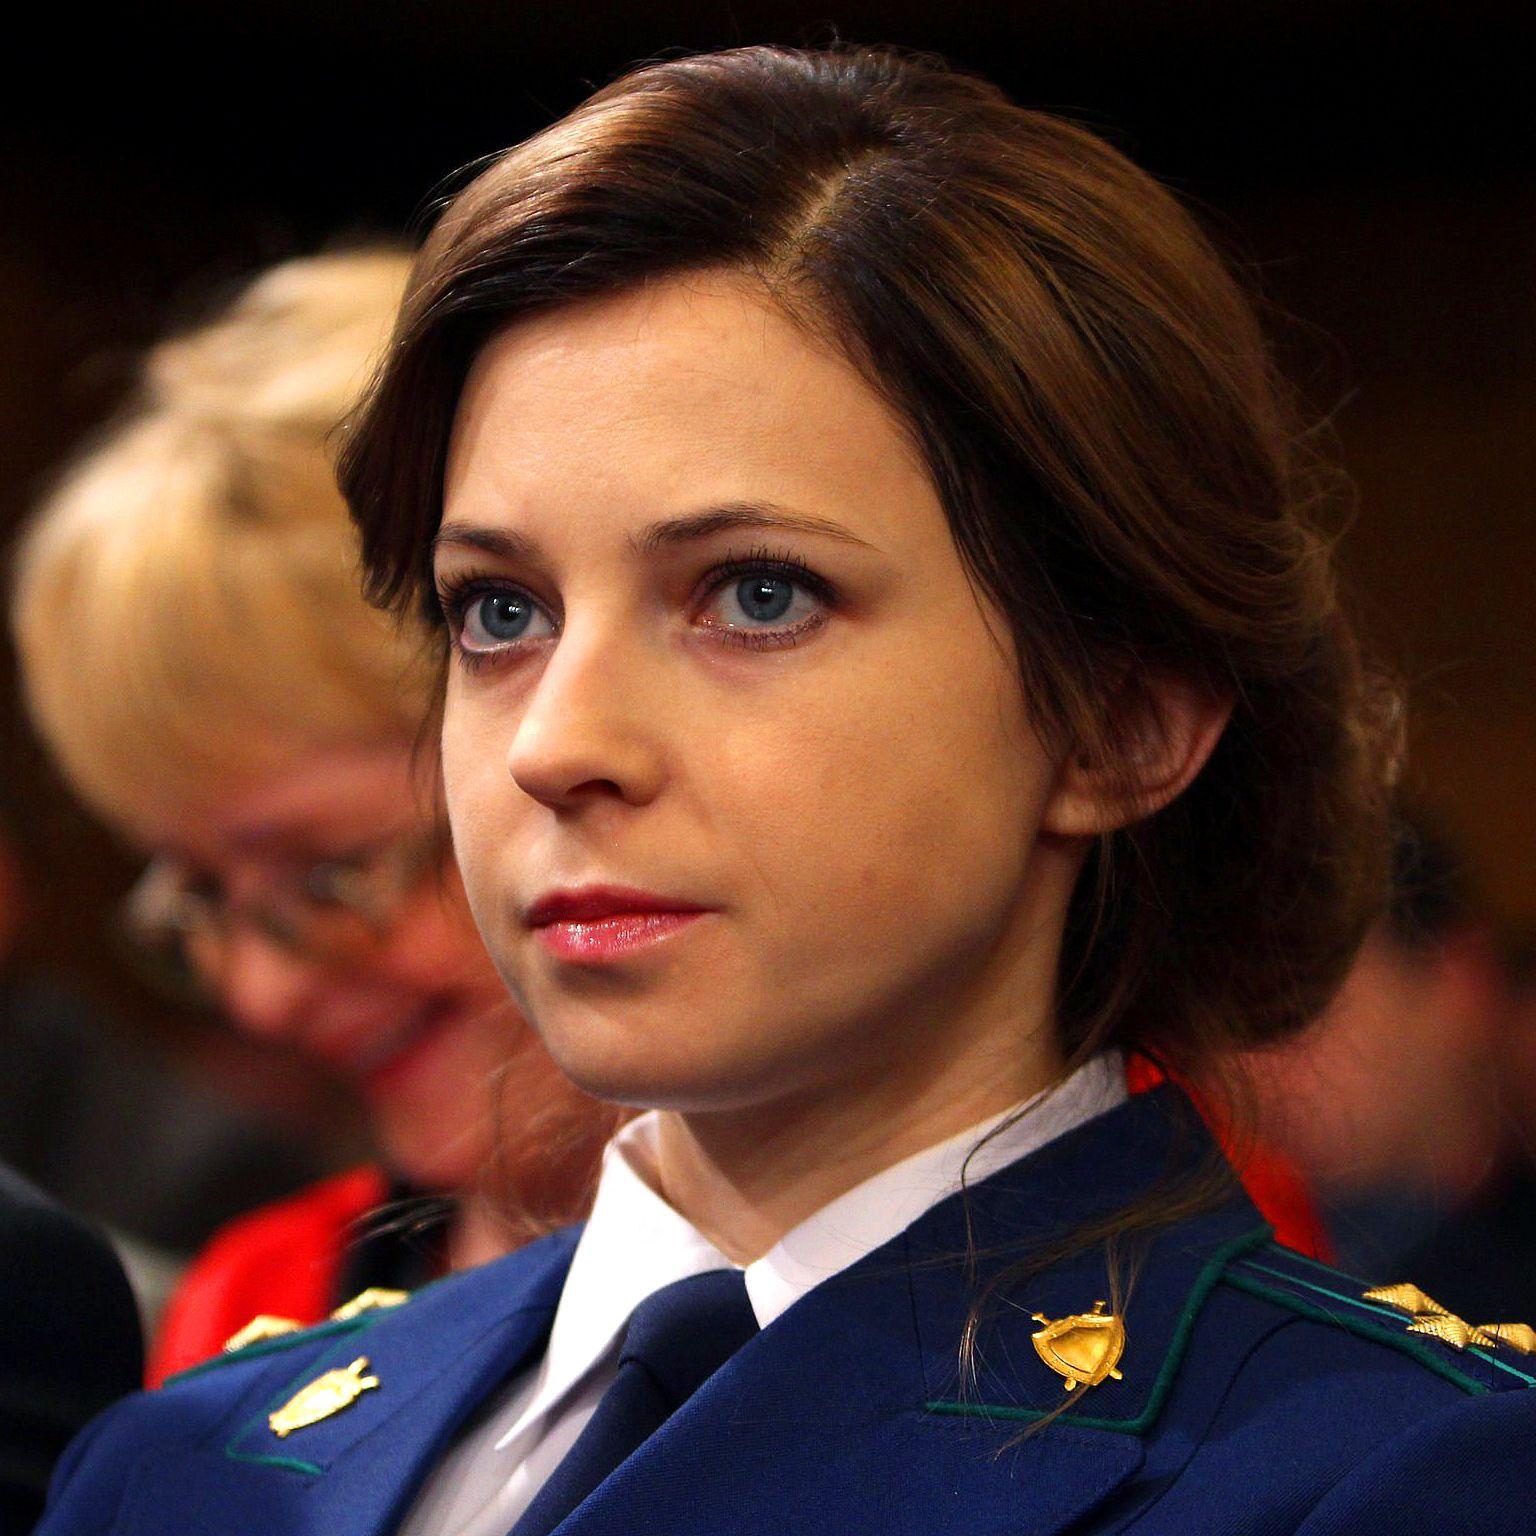 также, самый красивый прокурор россии фото казалось бы